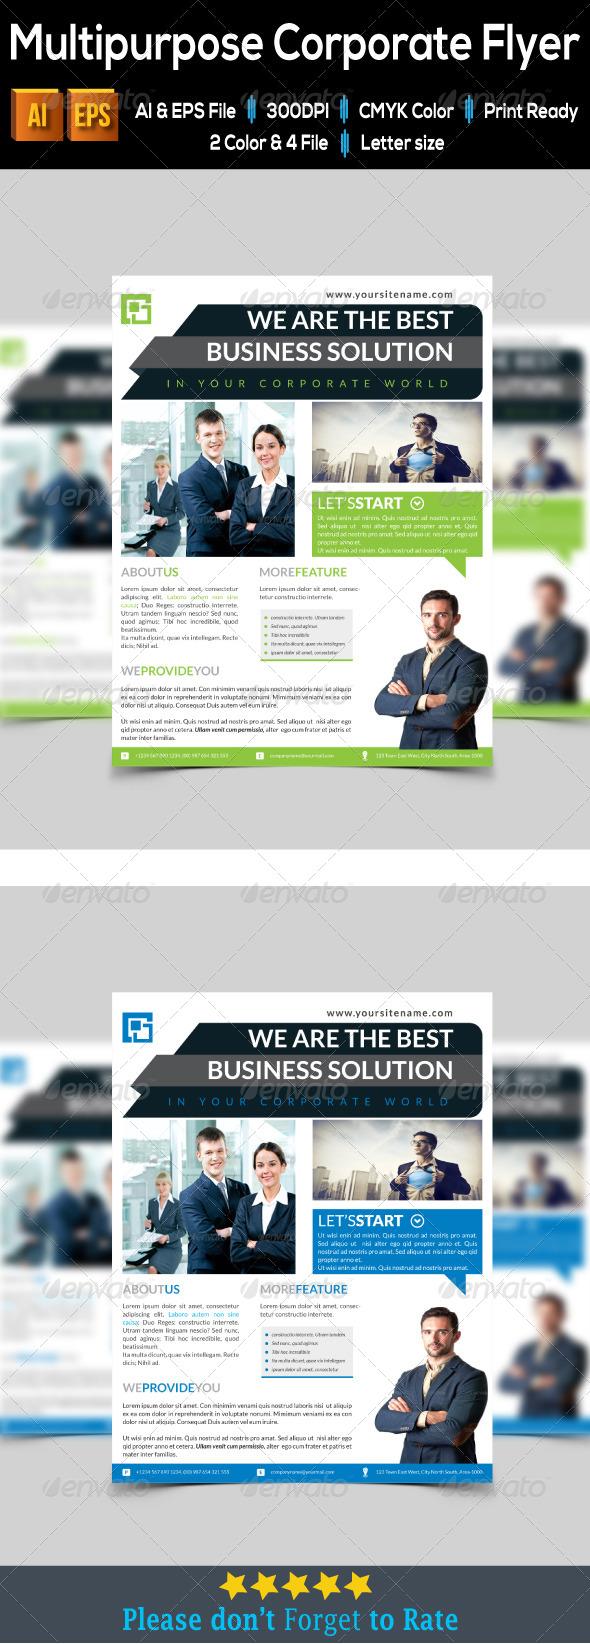 GraphicRiver Multipurpose Corporate Flyer 8026265